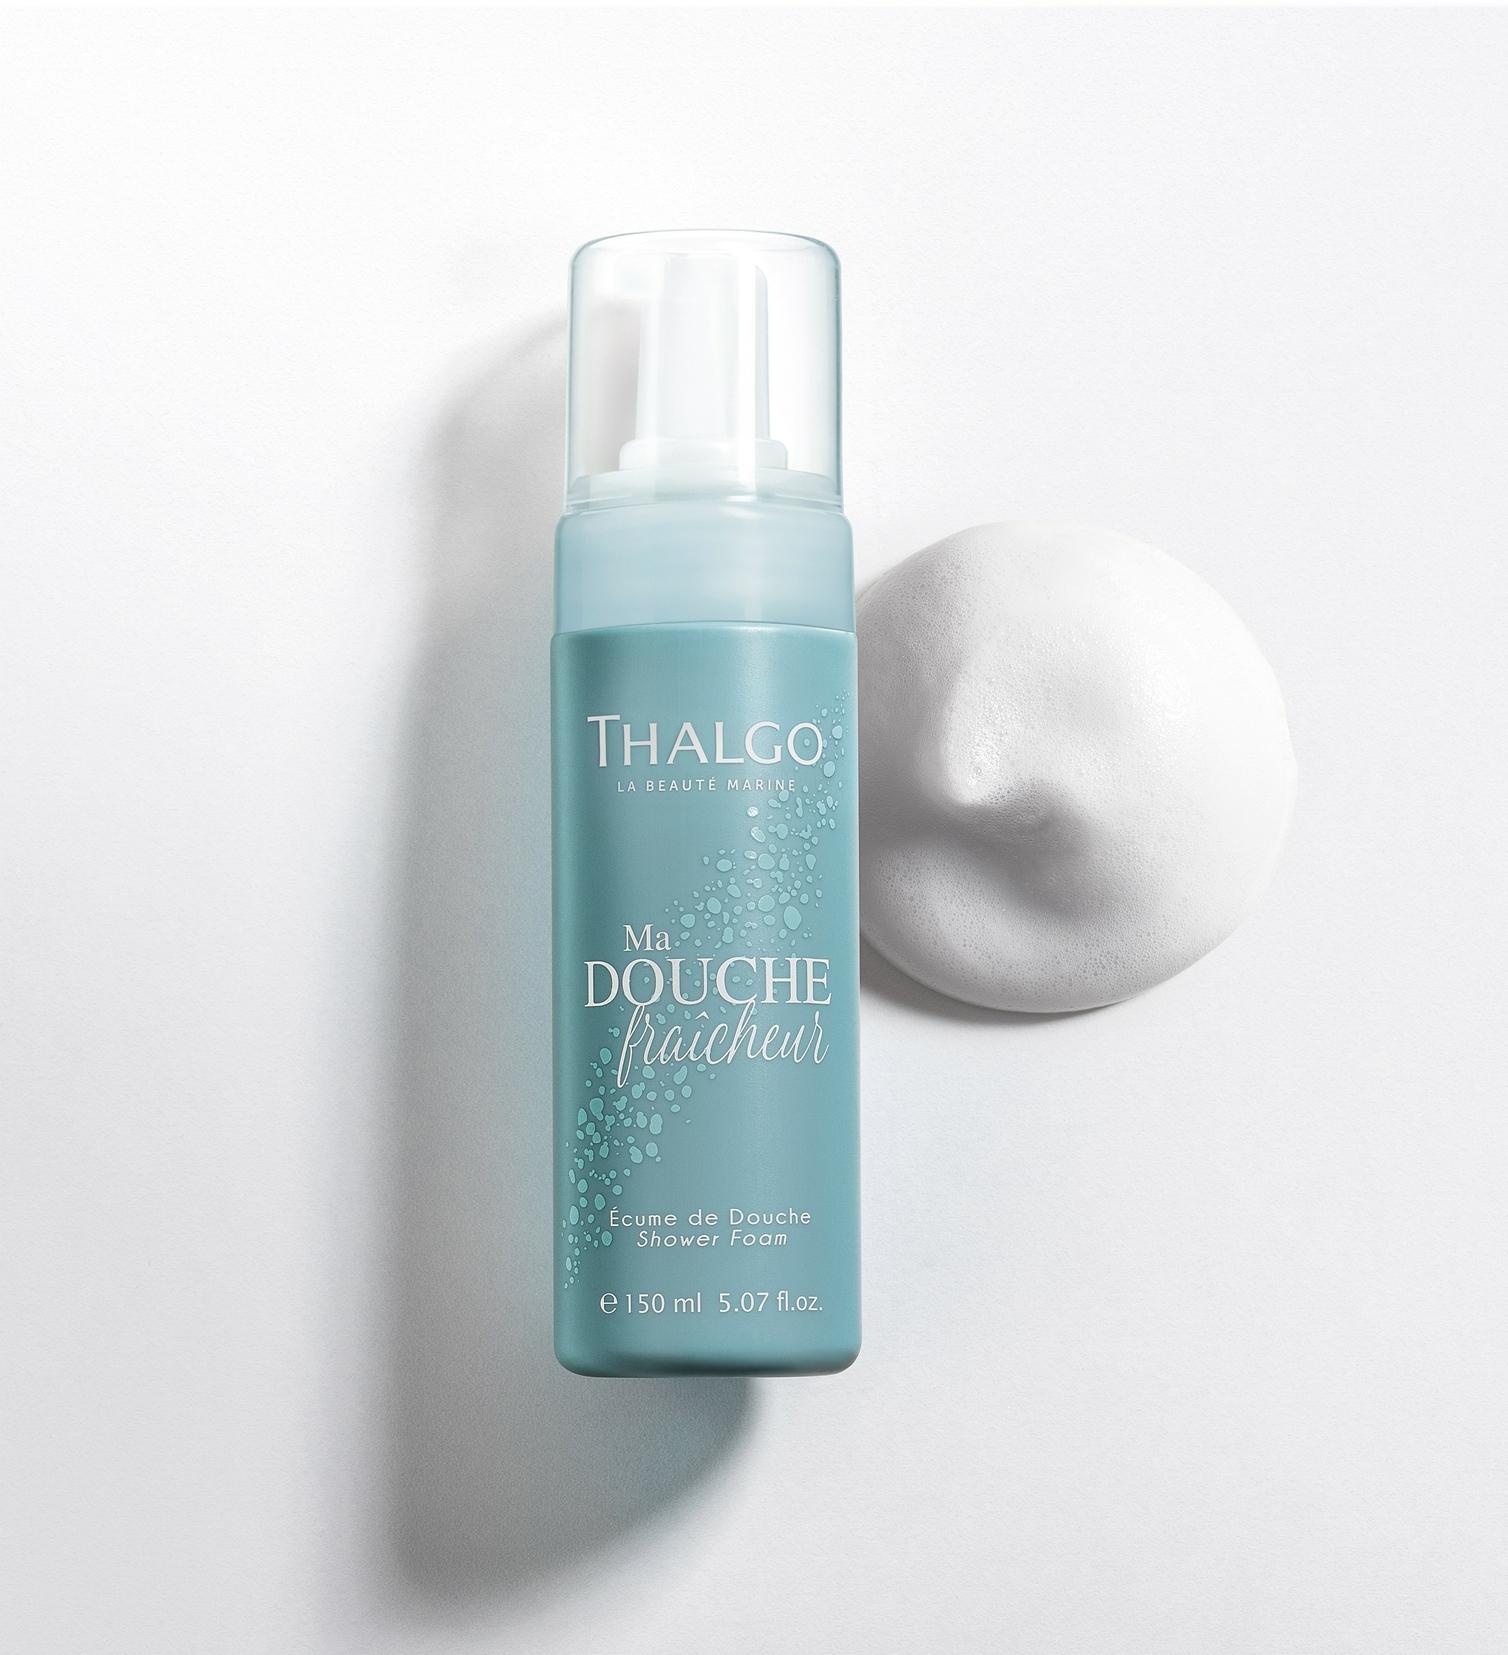 ma-douche-fraicheur-thalgo-texture